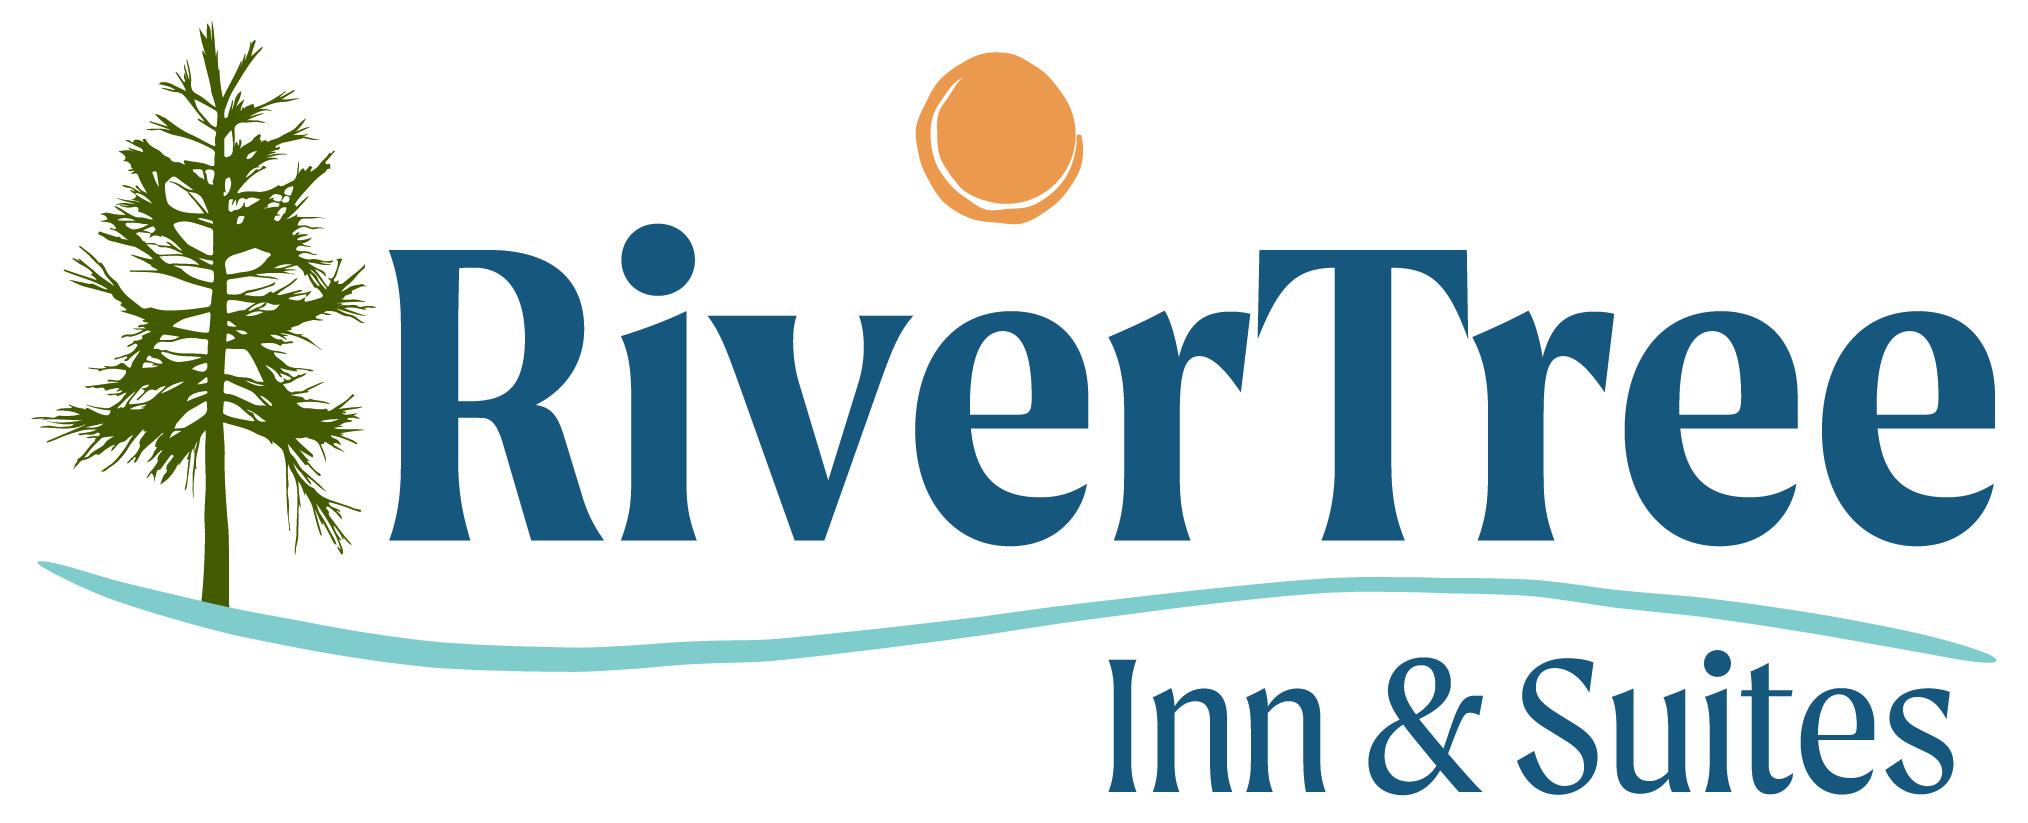 Rivertree Inn